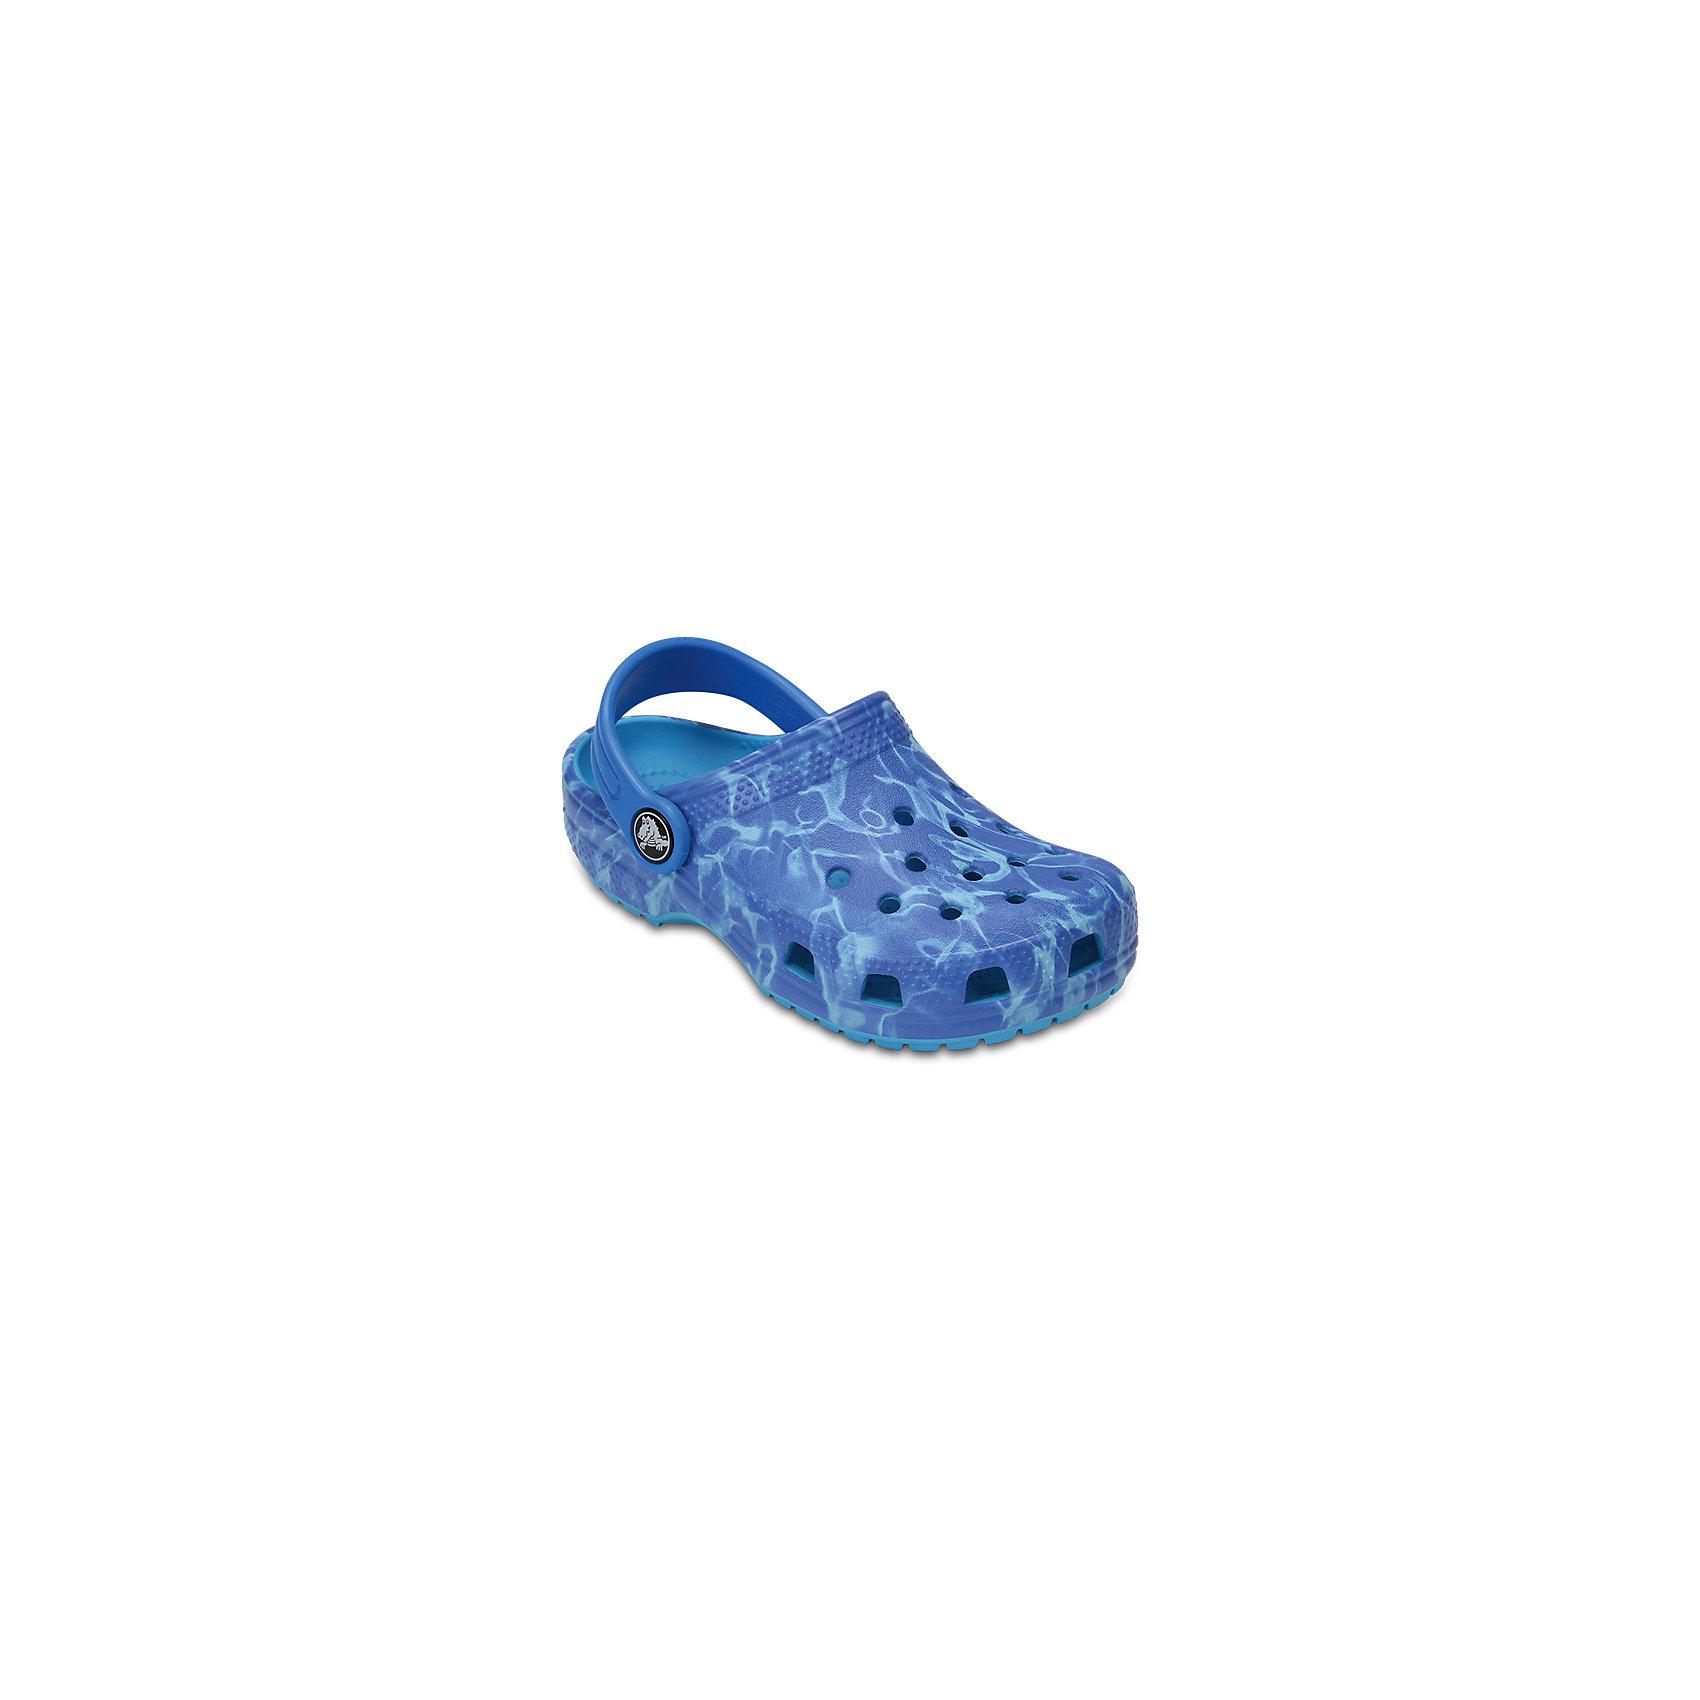 Сабо Kids Aqua CROCSПляжная обувь<br>Характеристики товара:<br><br>• цвет: синий<br>• принт: Аква<br>• сезон: лето<br>• тип: пляжная обувь<br>• материал: 100% полимер Croslite™<br>• под воздействием температуры тела принимают форму стопы<br>• полностью литая модель<br>• вентиляционные отверстия<br>• бактериостатичный материал<br>• пяточный ремешок фиксирует стопу<br>• отверстия для использования украшений<br>• анатомическая стелька с массажными точками<br>• страна бренда: США<br>• страна изготовитель: Китай<br><br>Для правильного развития ребенка крайне важно, чтобы обувь была удобной.<br><br>Такие сабо обеспечивают детям необходимый комфорт, а анатомическая стелька с массажными линиями для стимуляции кровообращения позволяет ножкам дольше не уставать. <br><br>Сабо легко надеваются и снимаются, отлично сидят на ноге. <br><br>Материал, из которого они сделаны, не дает размножаться бактериям, поэтому такая обувь препятствует образованию неприятного запаха и появлению болезней стоп.<br><br>Обувь от американского бренда Crocs в данный момент завоевала широкую популярность во всем мире, и это не удивительно - ведь она невероятно удобна. <br><br>Её носят врачи, спортсмены, звёзды шоу-бизнеса, люди, которым много времени приходится бывать на ногах - они понимают, как важна комфортная обувь. <br><br>Продукция Crocs - это качественные товары, созданные с применением новейших технологий. <br><br>Обувь отличается стильным дизайном и продуманной конструкцией. Изделие производится из качественных и проверенных материалов, которые безопасны для детей.<br><br>Сабо Kids Classic от торговой марки Crocs можно купить в нашем интернет-магазине.<br><br>Ширина мм: 225<br>Глубина мм: 139<br>Высота мм: 112<br>Вес г: 290<br>Цвет: синий<br>Возраст от месяцев: 48<br>Возраст до месяцев: 60<br>Пол: Унисекс<br>Возраст: Детский<br>Размер: 28,34/35,27,29,30,21,22,23,24,25,26,31/32,33/34<br>SKU: 5416344